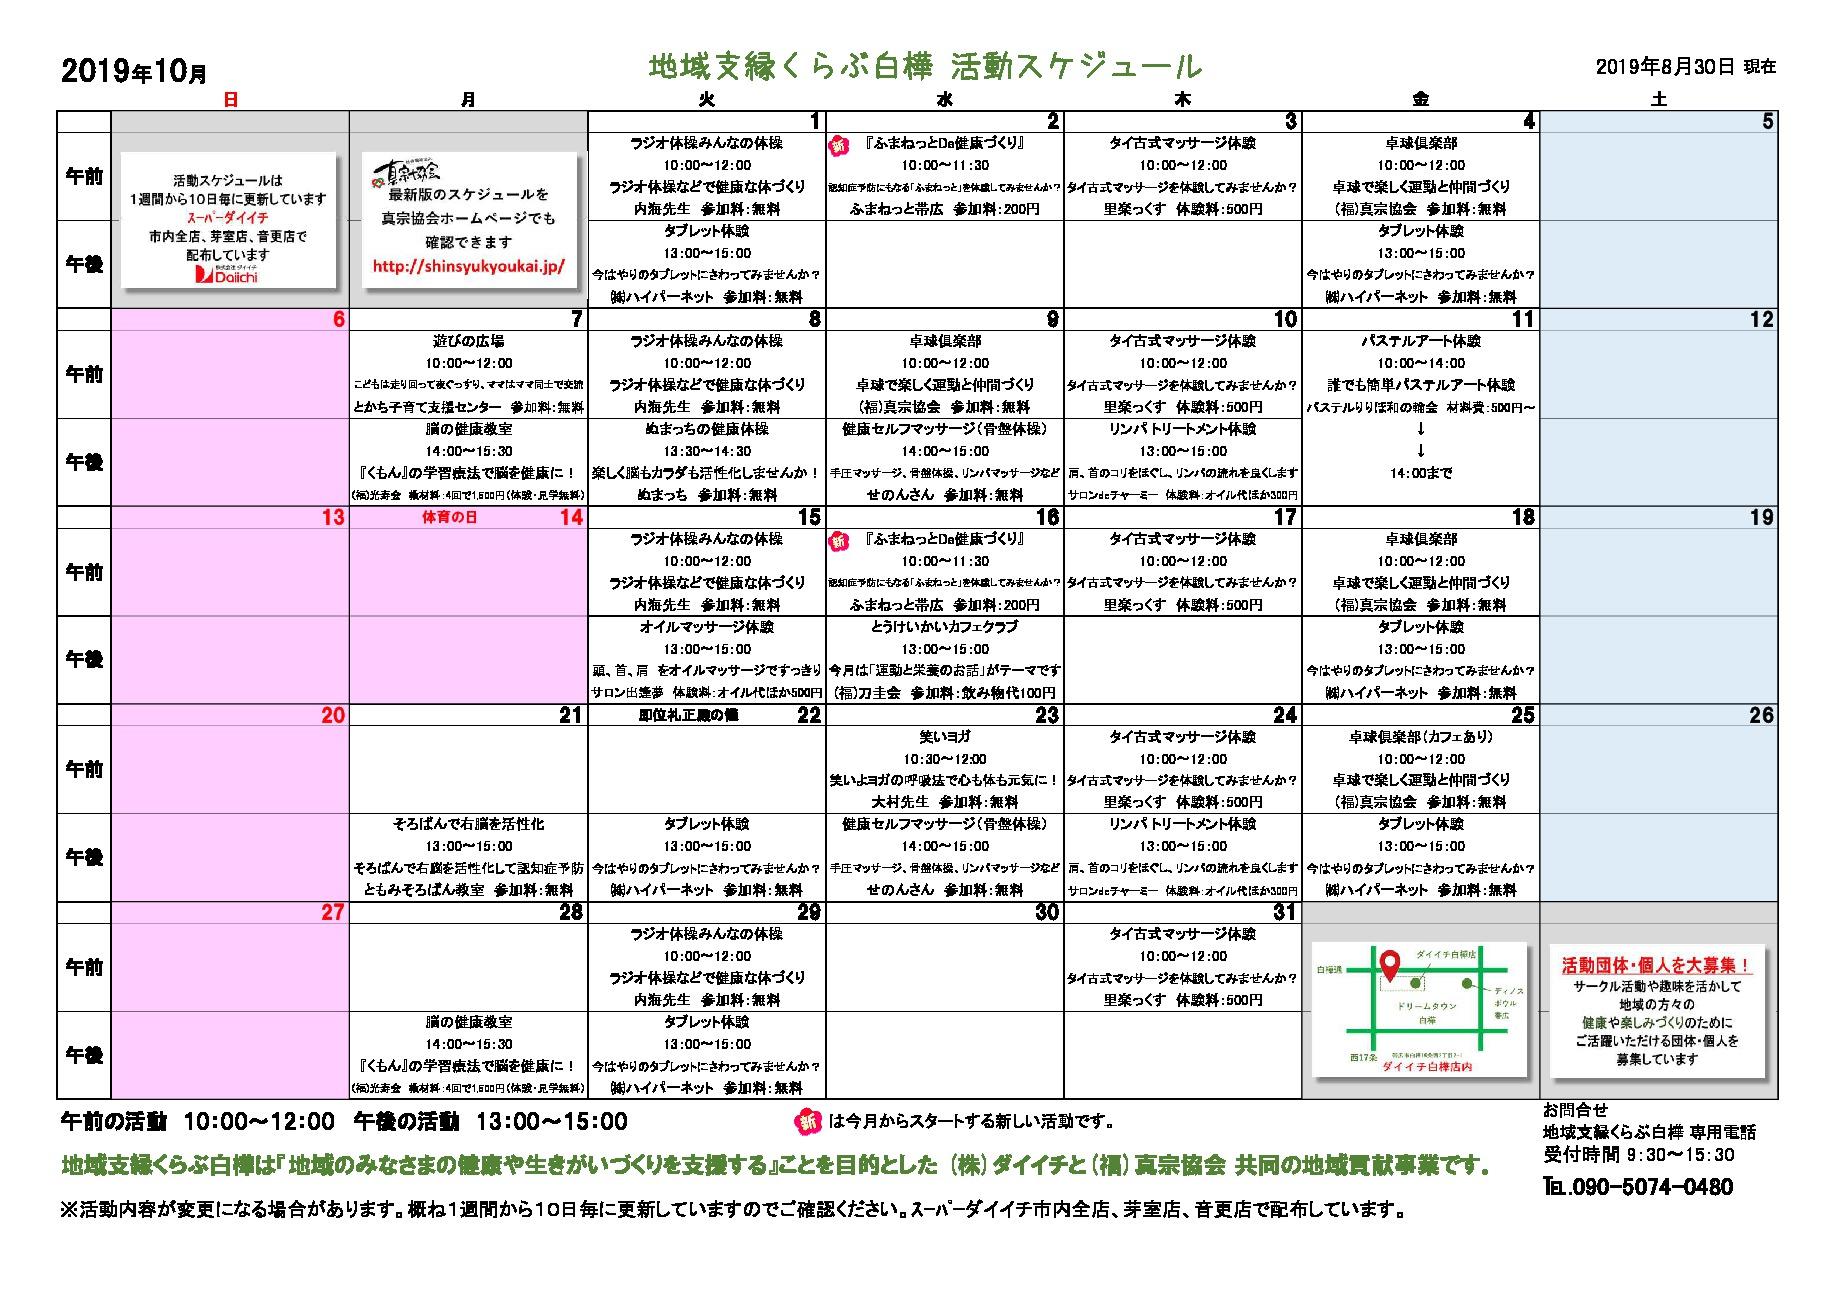 2019活動スケジュール10(2019.8.30付)のサムネイル